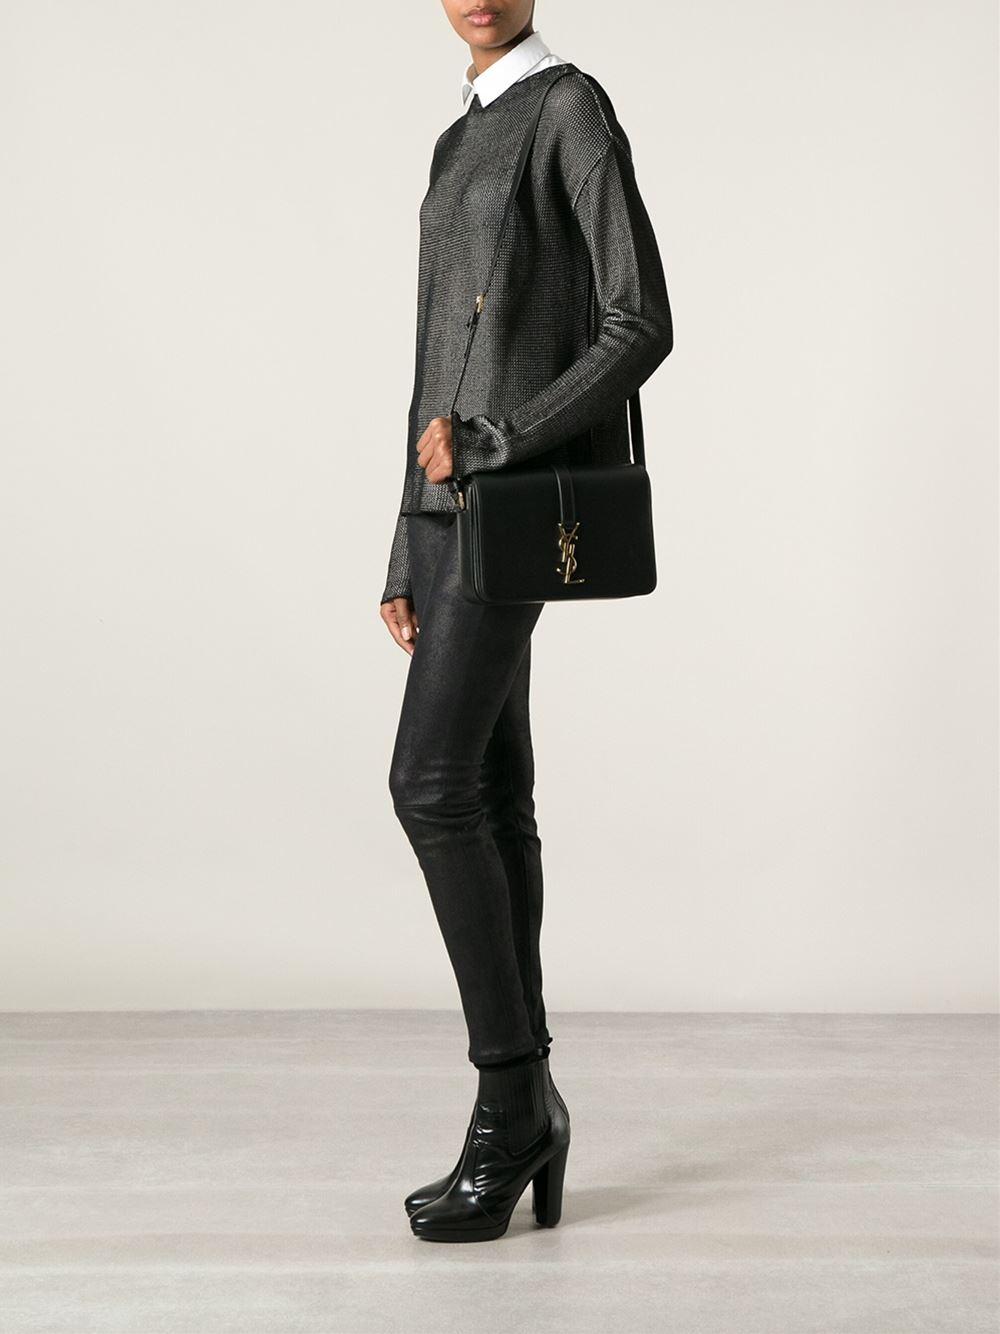 022750040a0 Saint laurent Universit   Shoulder Bag in Black | Lyst